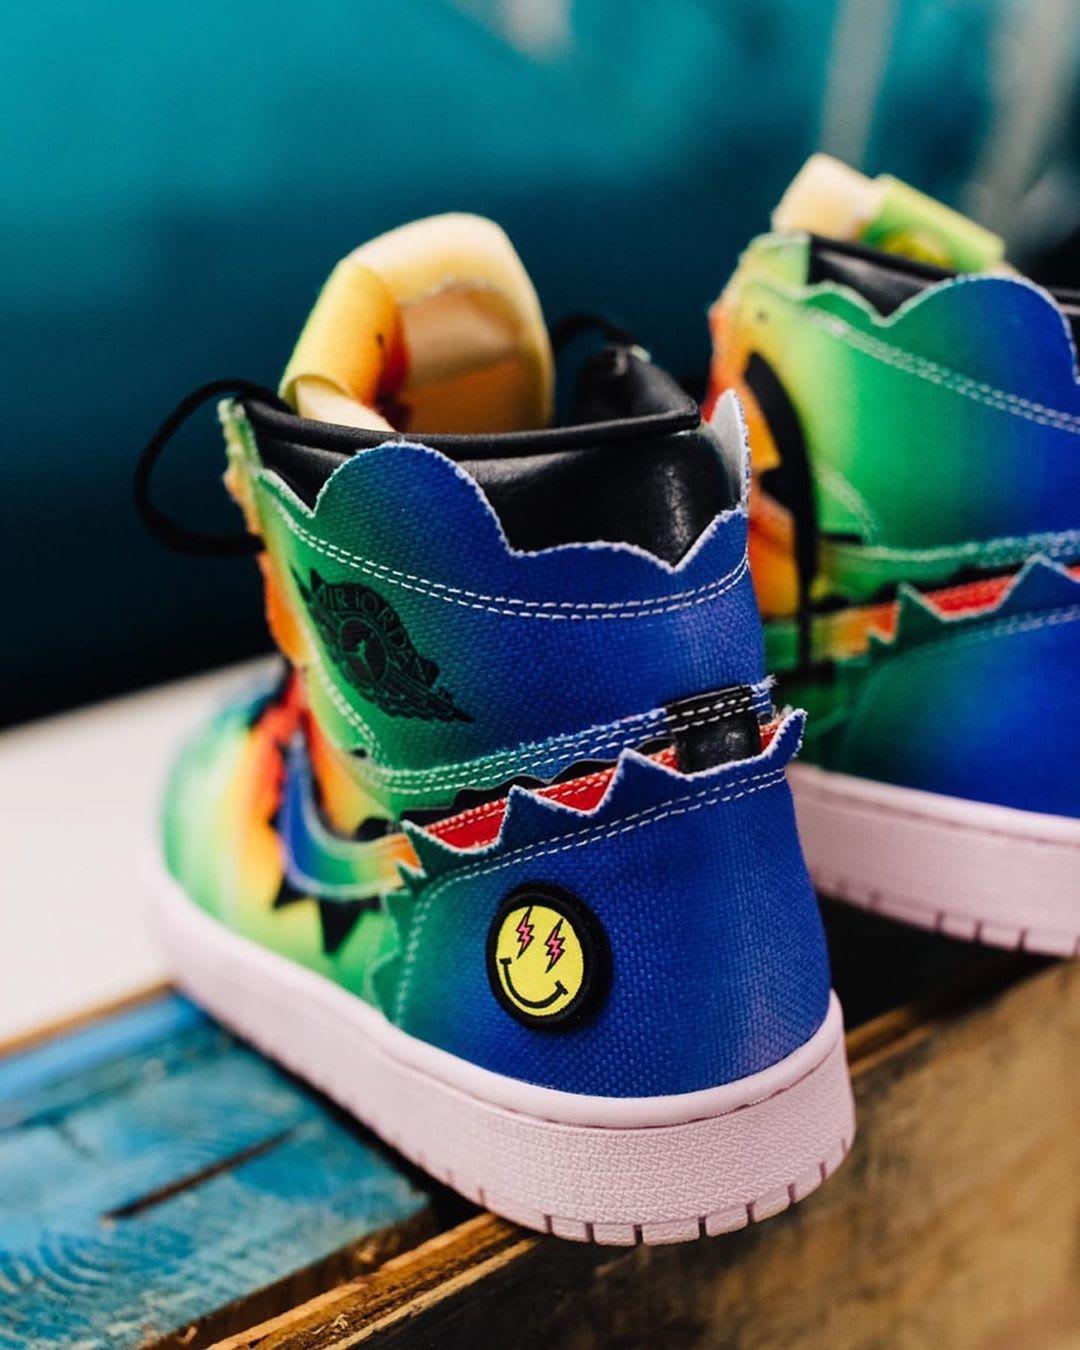 J Balvin Air Jordan 1 Heel